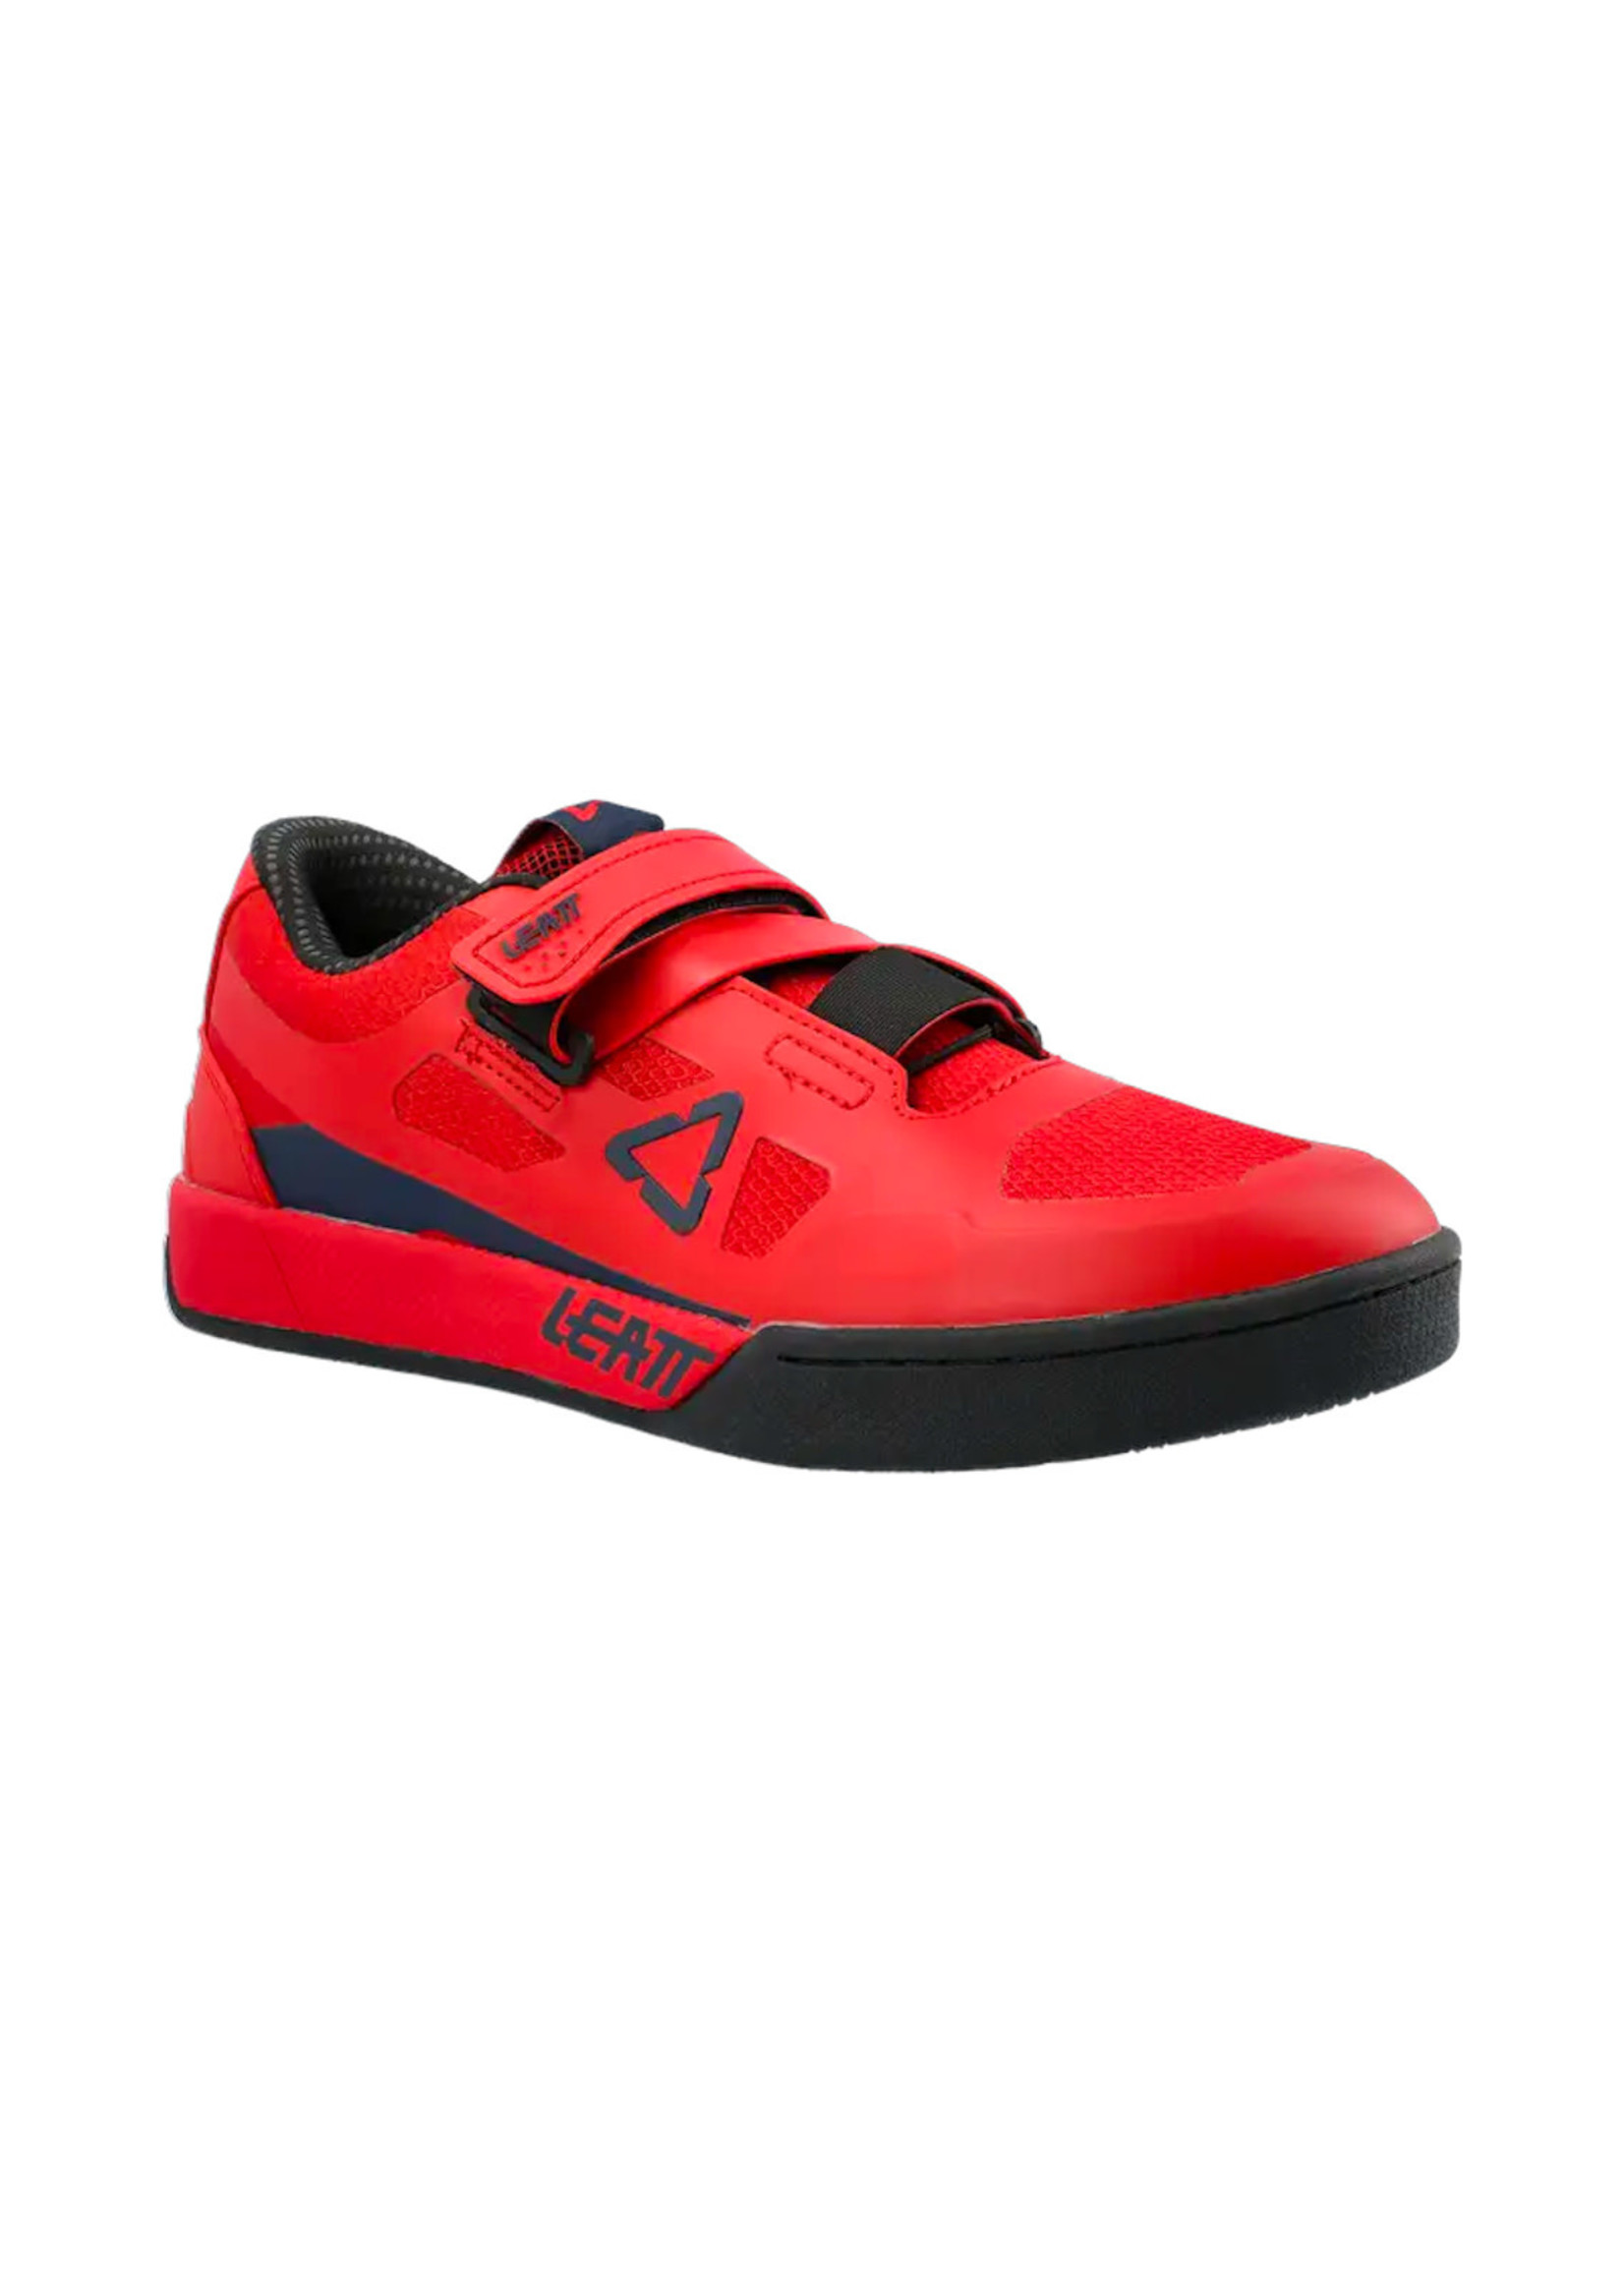 Leatt LEATT shoe 5.0 clip